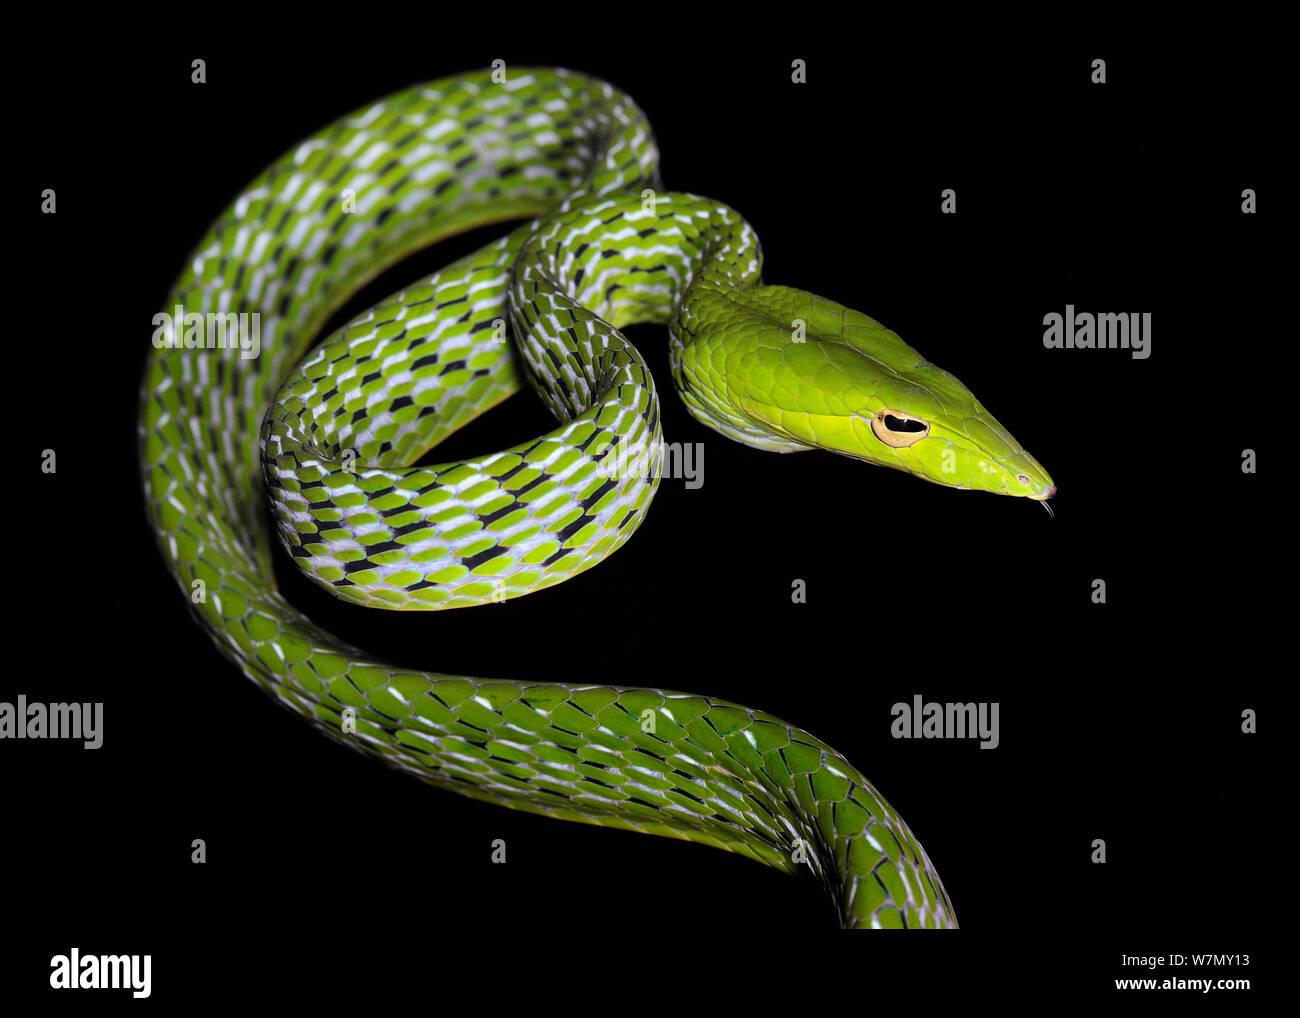 Vid de Asia Oriental / Ahaetulla prasina snake (látigo) en cautiverio, desde Asia Foto de stock